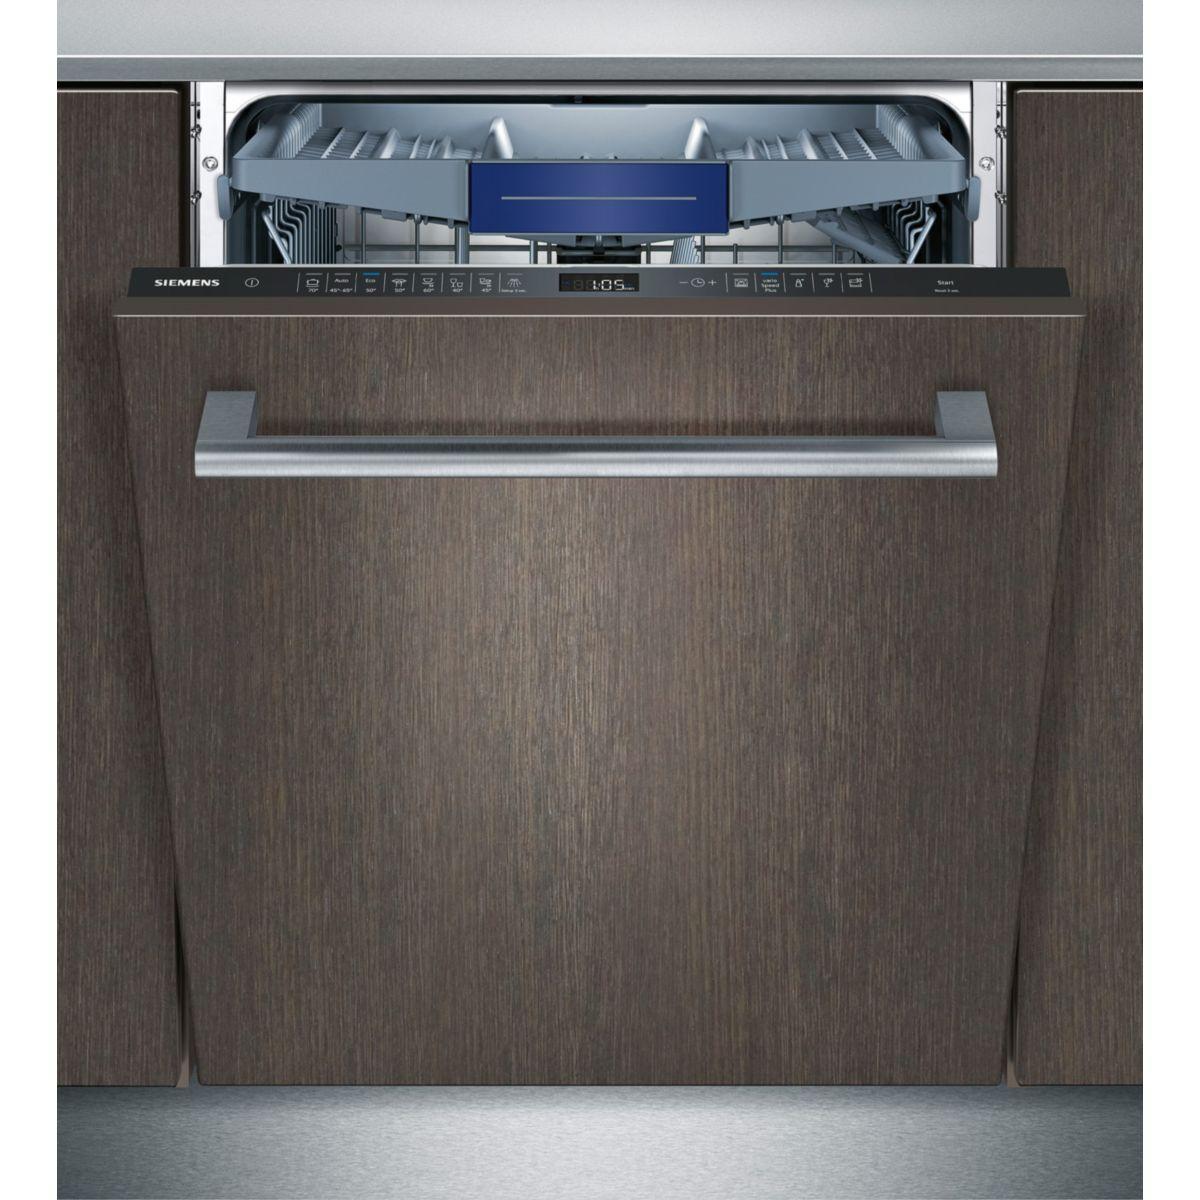 Lave vaisselle tout int�grable siemens sn658x00me - 2% de remise imm�diate avec le code : gam2